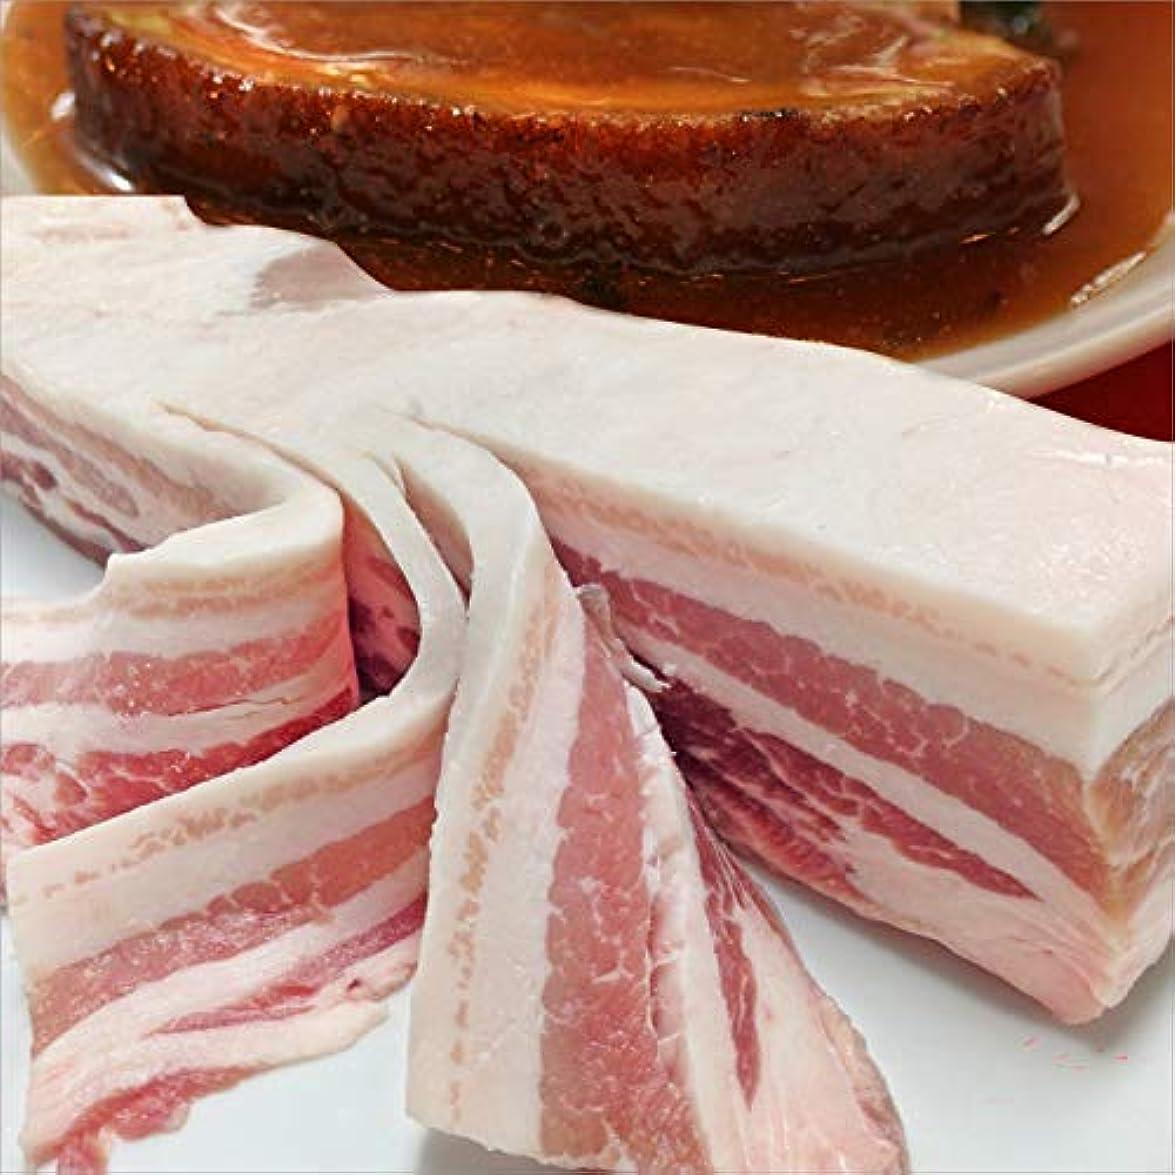 キャリア闇ポップEU産 豚バラ ブロック肉 500g 《*冷凍便》